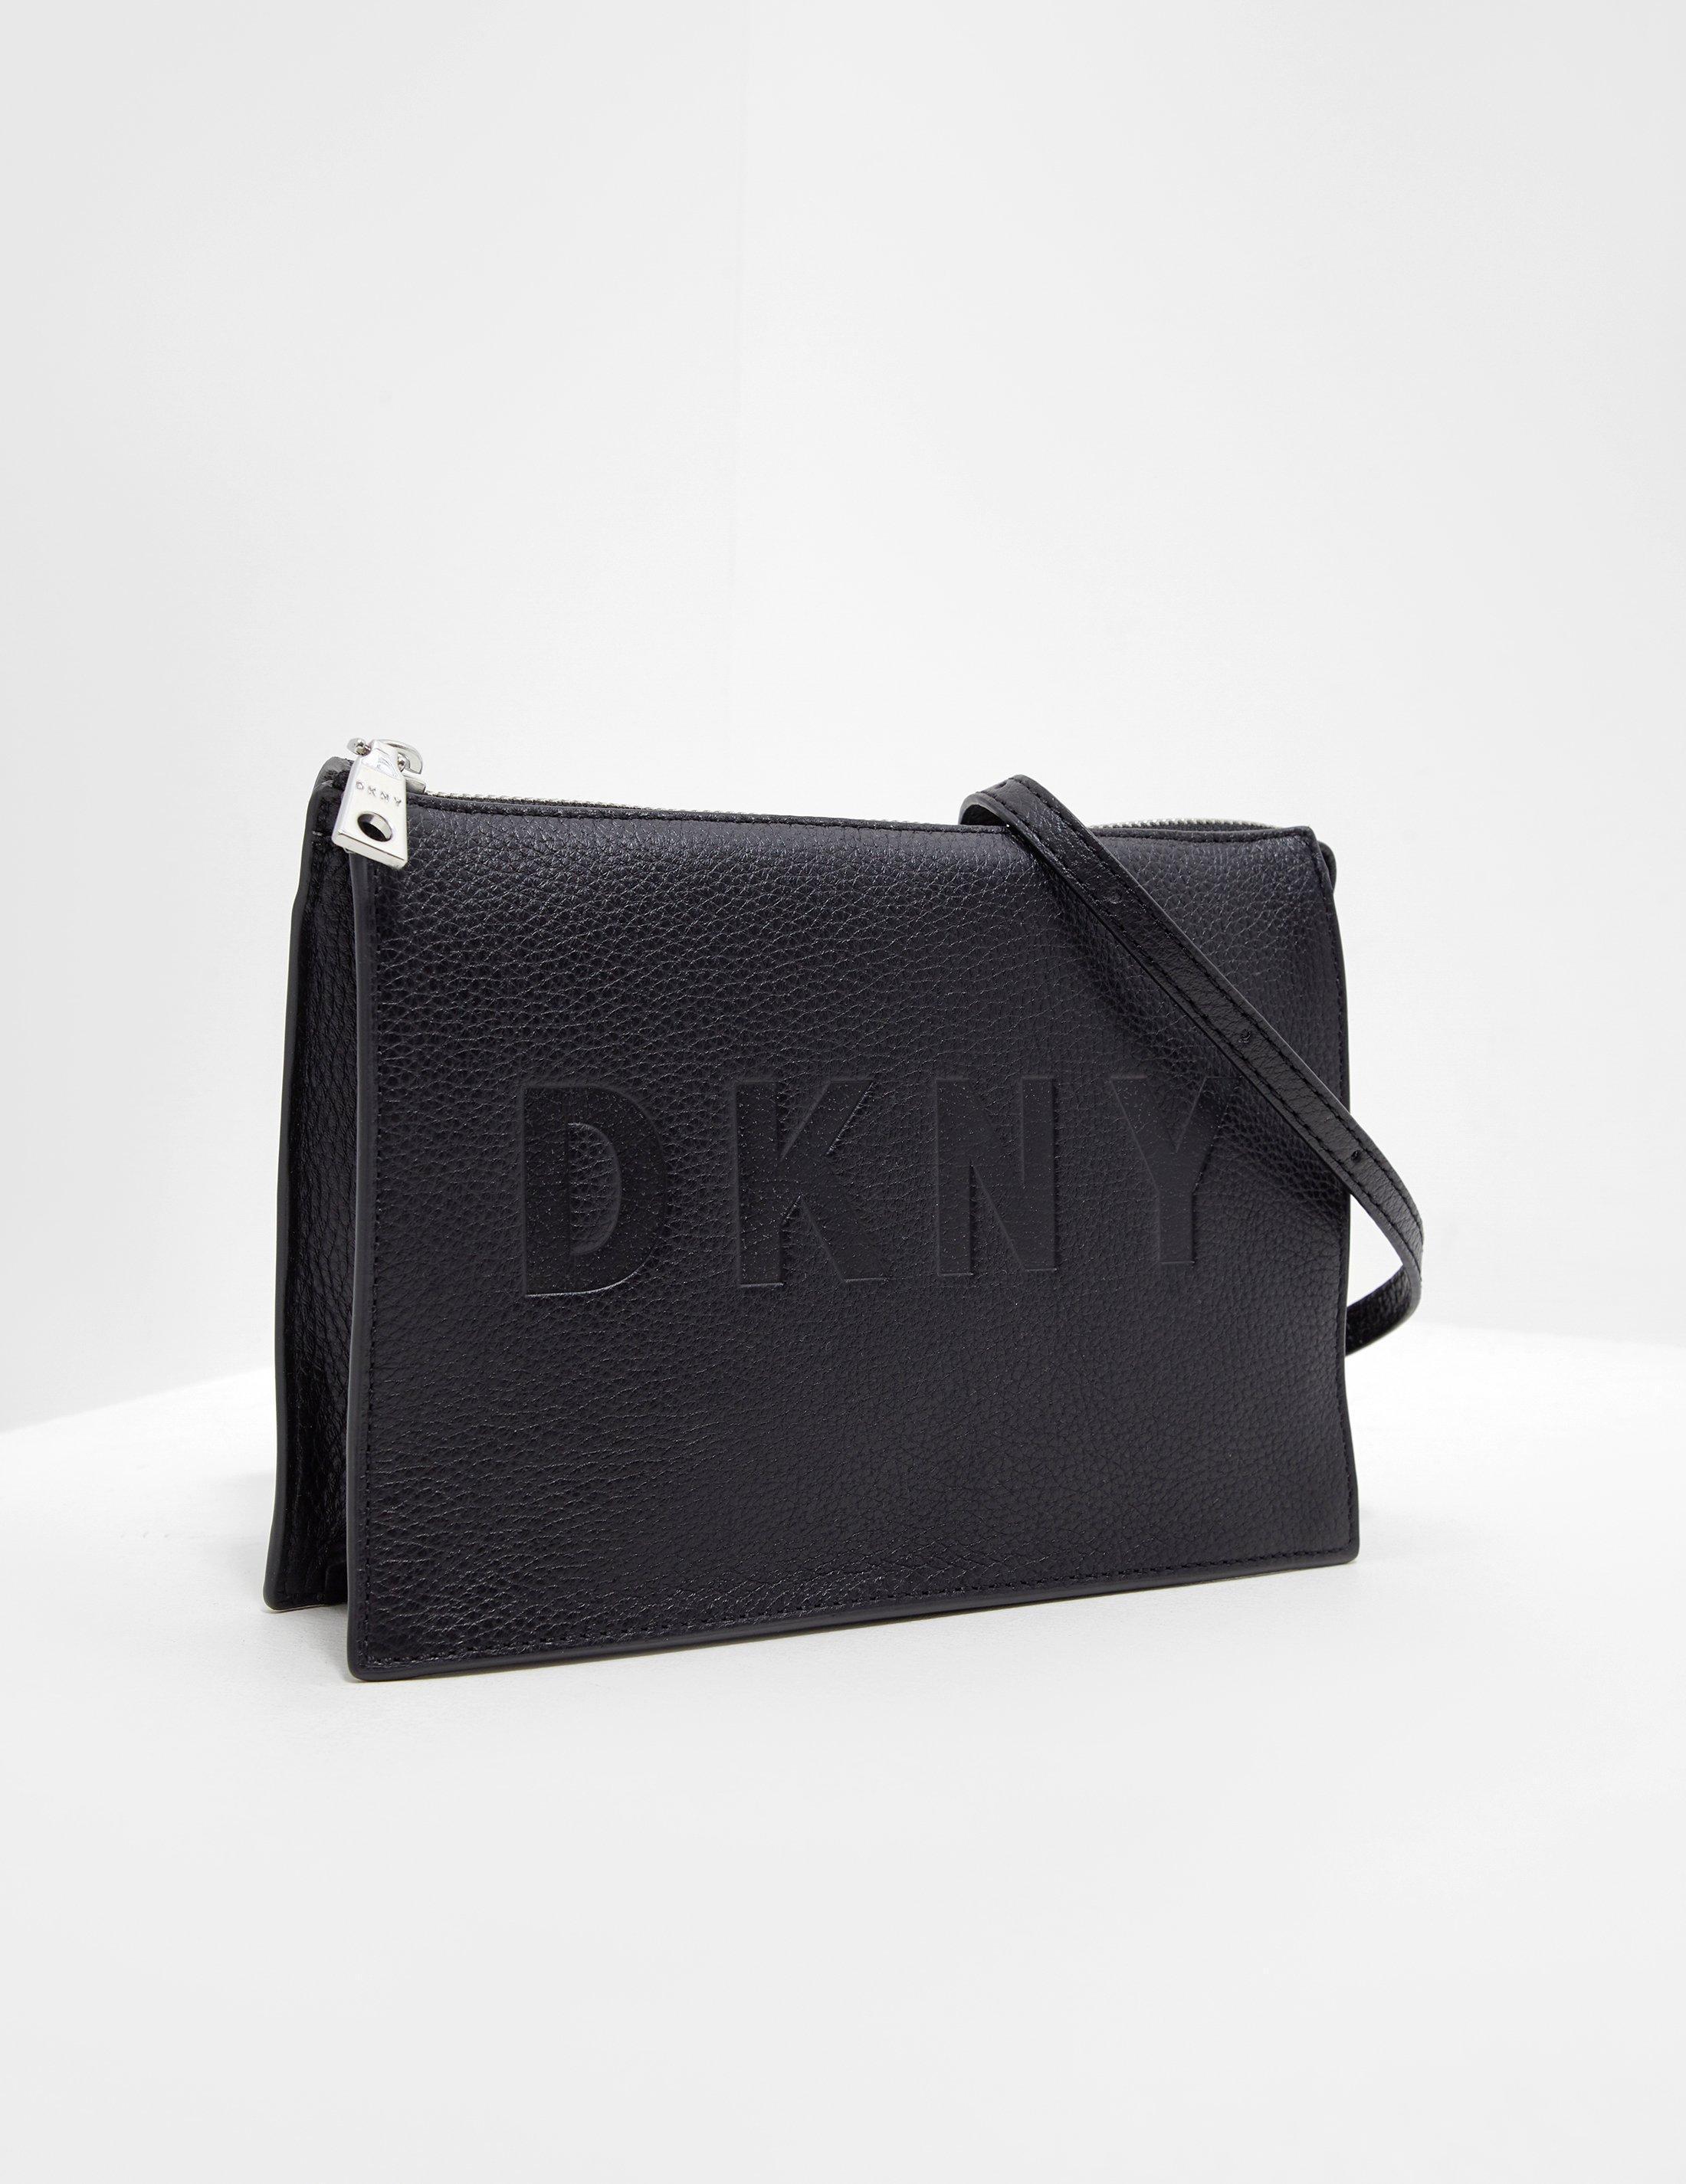 fe39d9ce575f DKNY Commuter Shoulder Bag Black in Black - Lyst